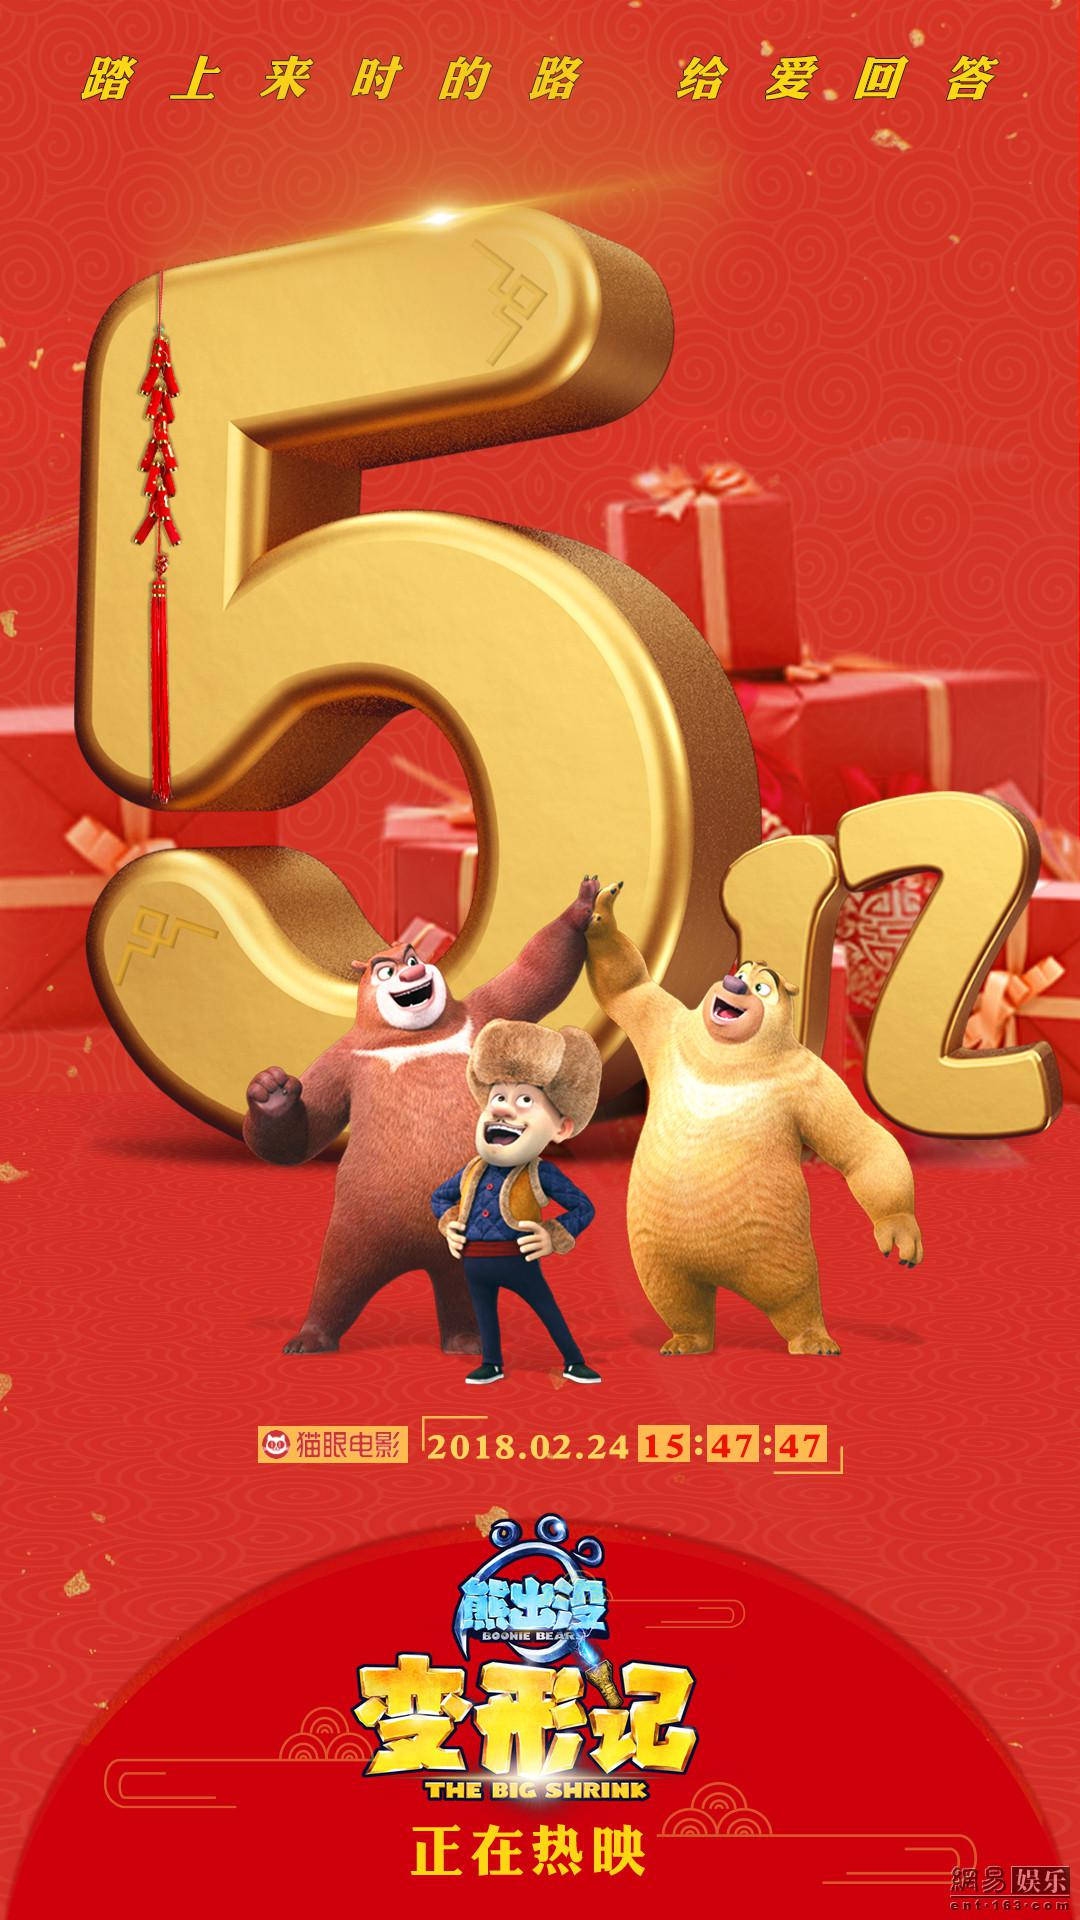 《熊出没·变形记》票房破五亿